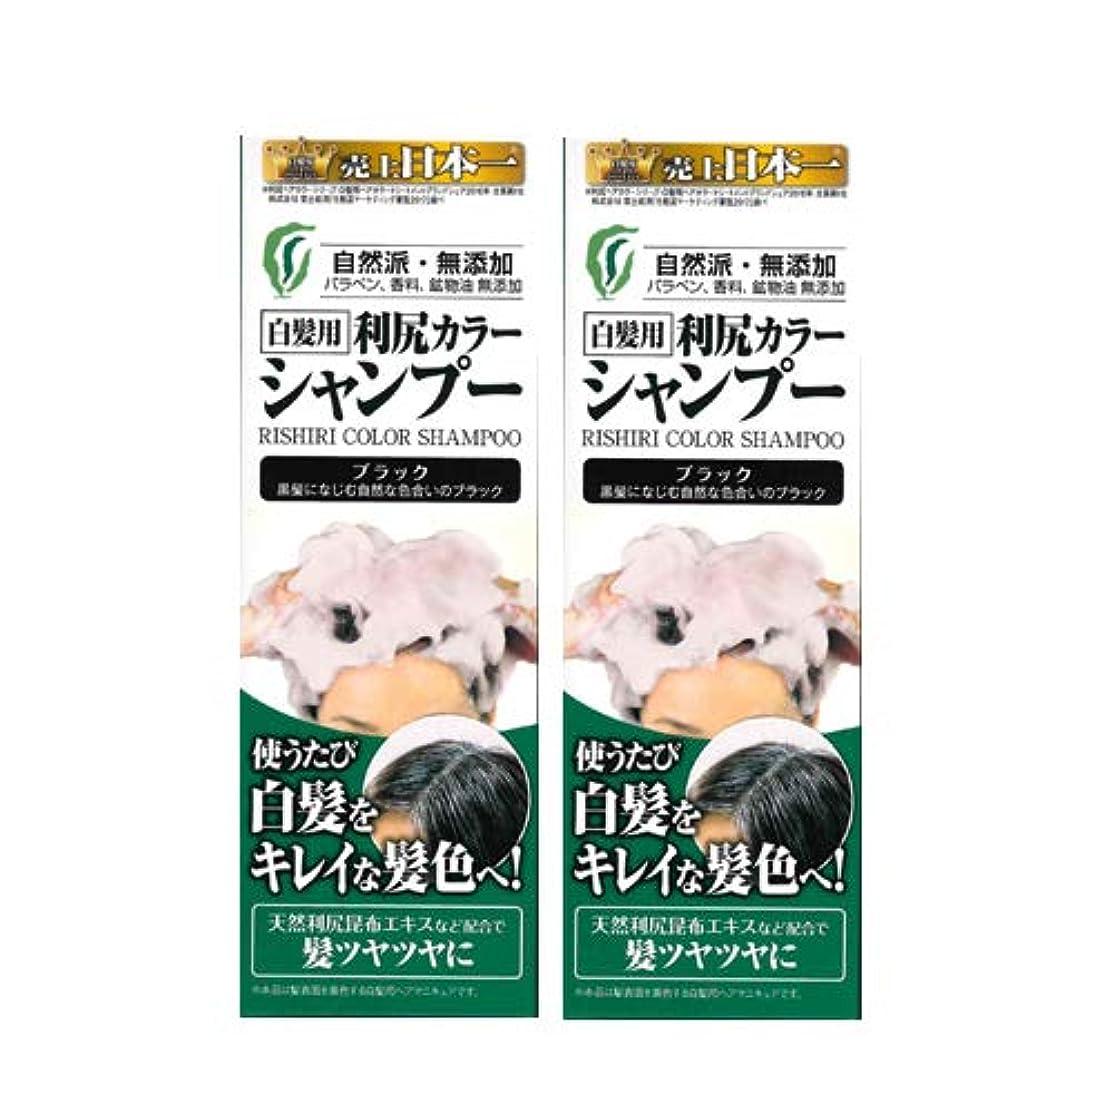 肥料バルーンブランド利尻カラーシャンプー2本セット(ブラック)